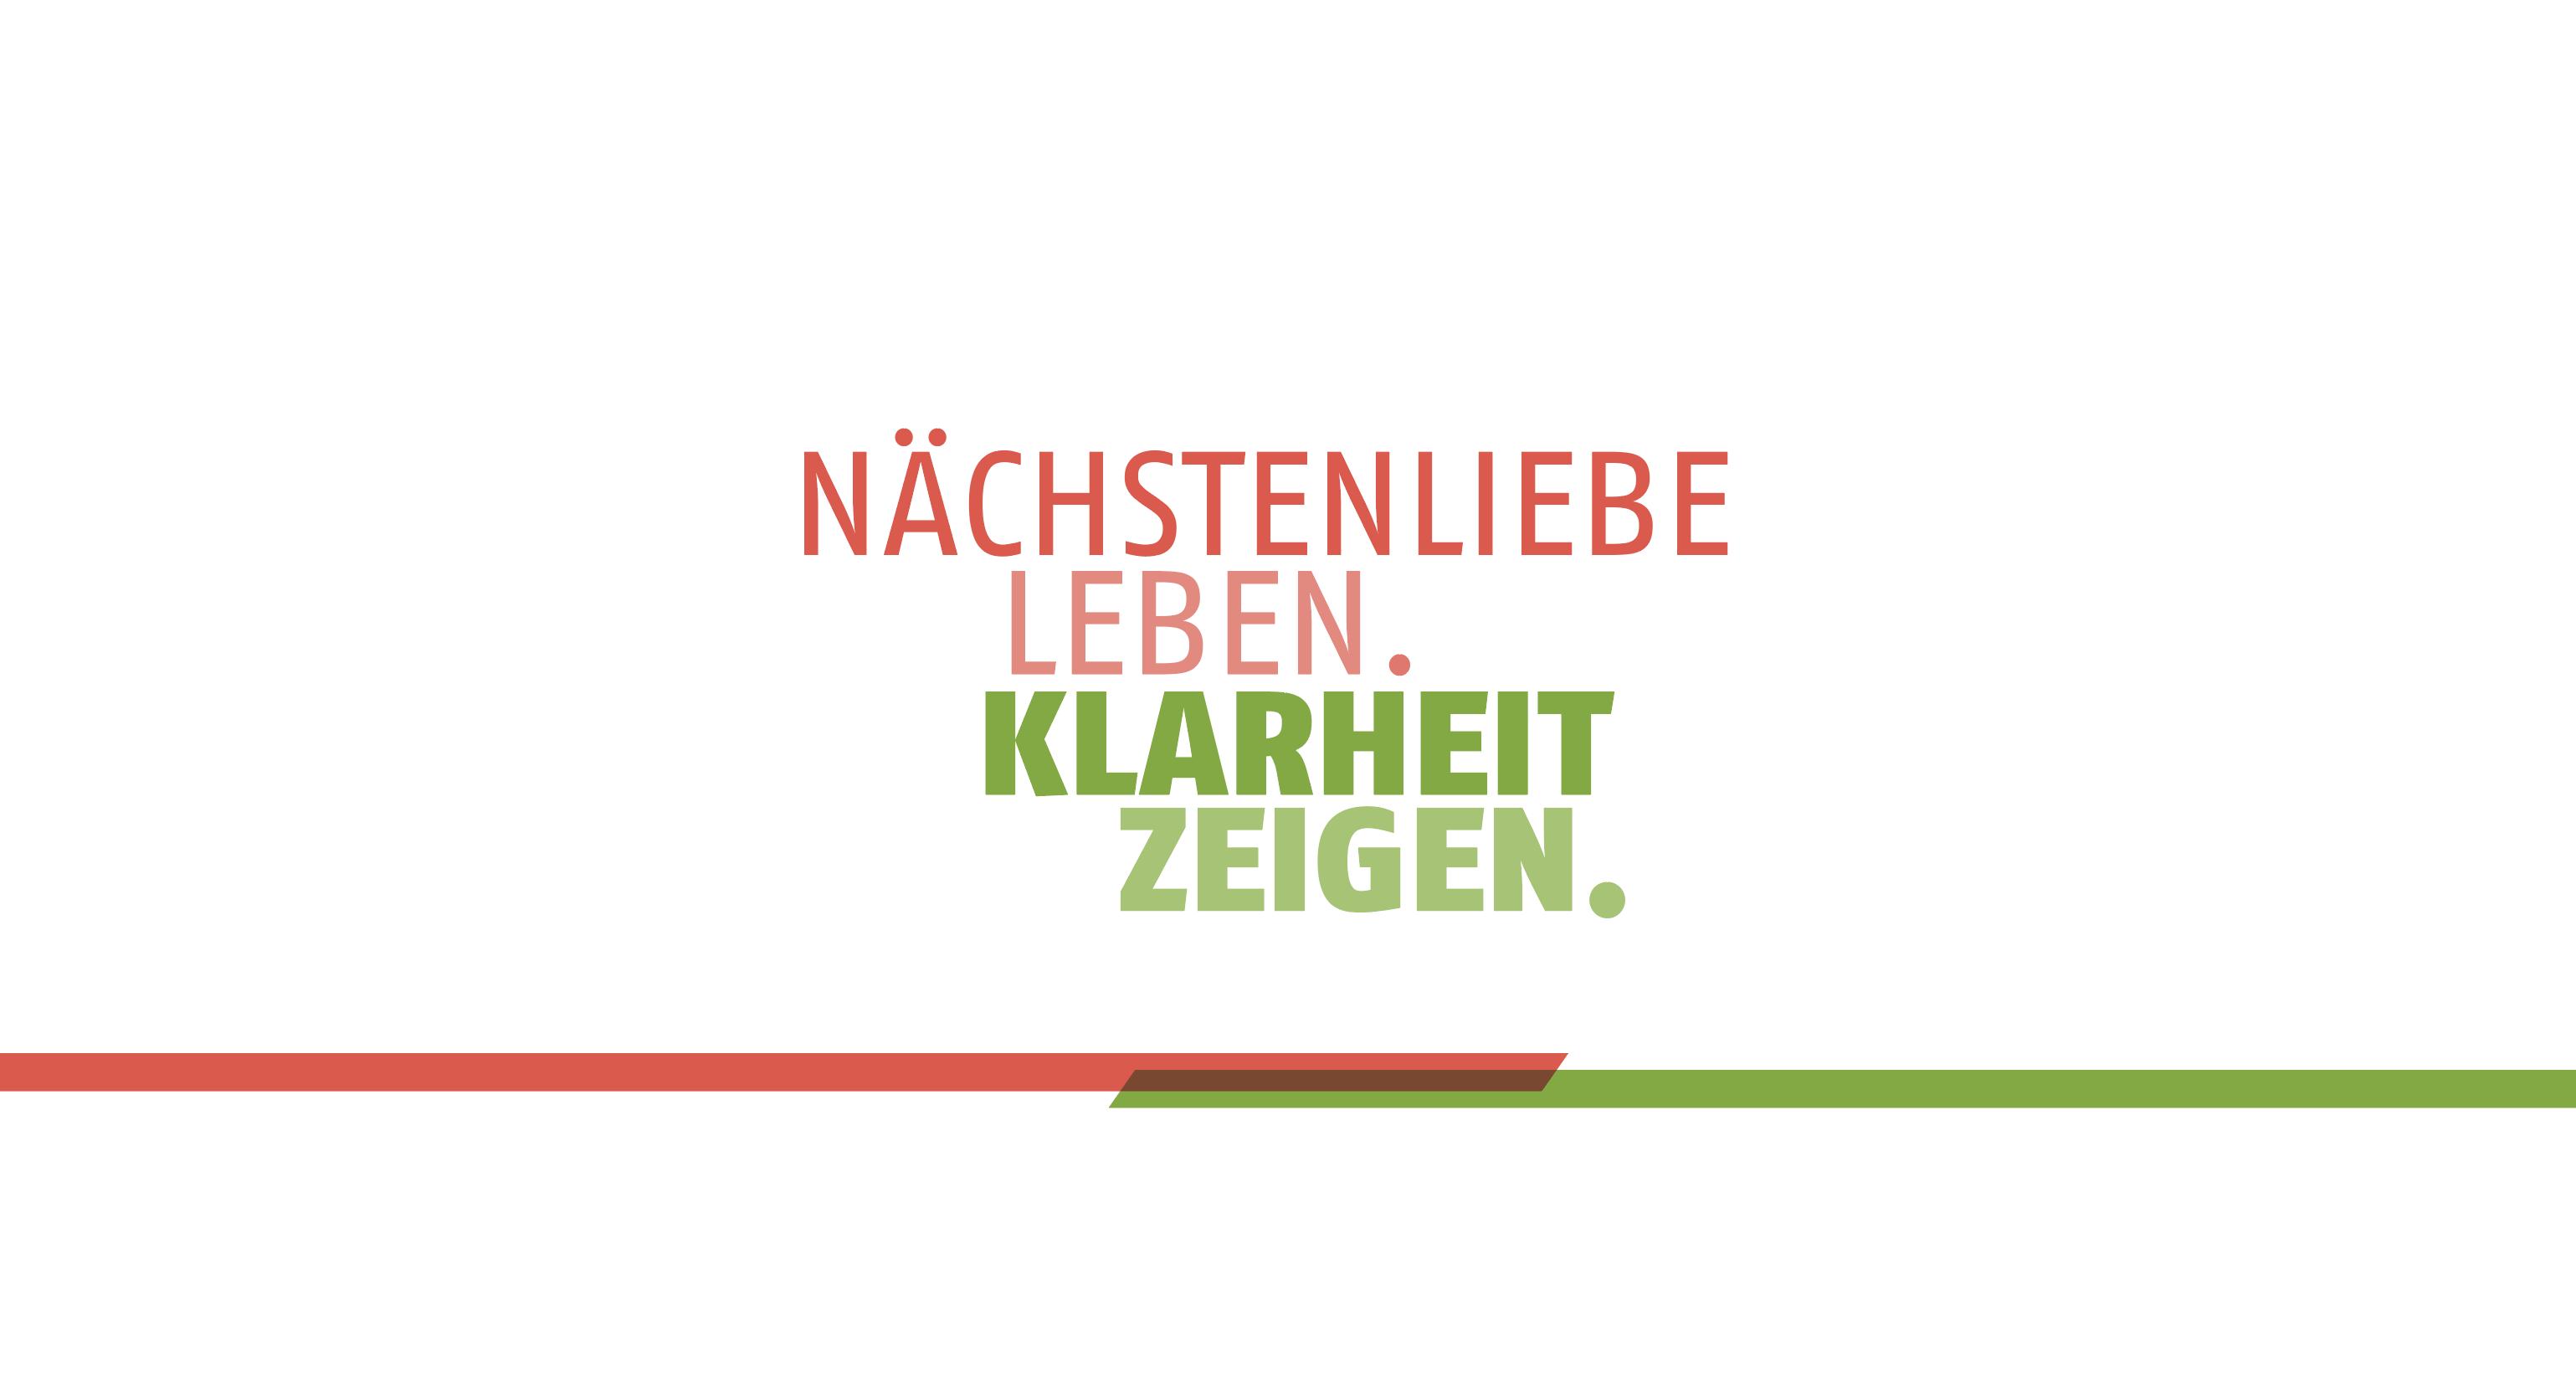 2019_Naechstenliebe_leben_titel